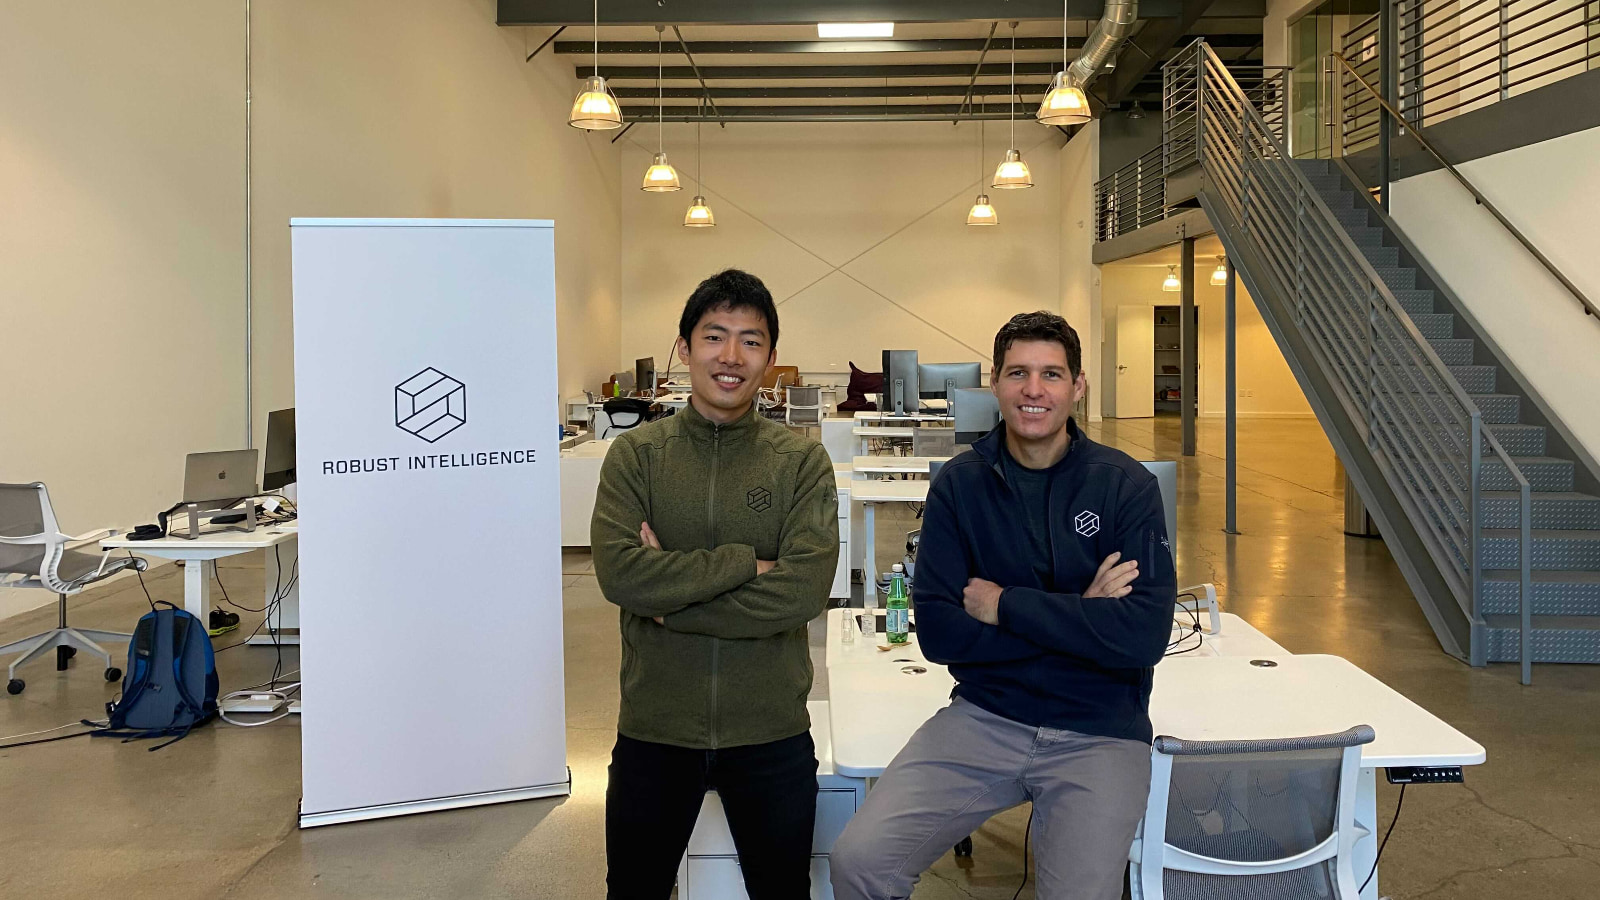 ハーバード卒の日本人が共同創業。セコイアキャピタルも認めたAIセキュリティプラットフォームの先見性